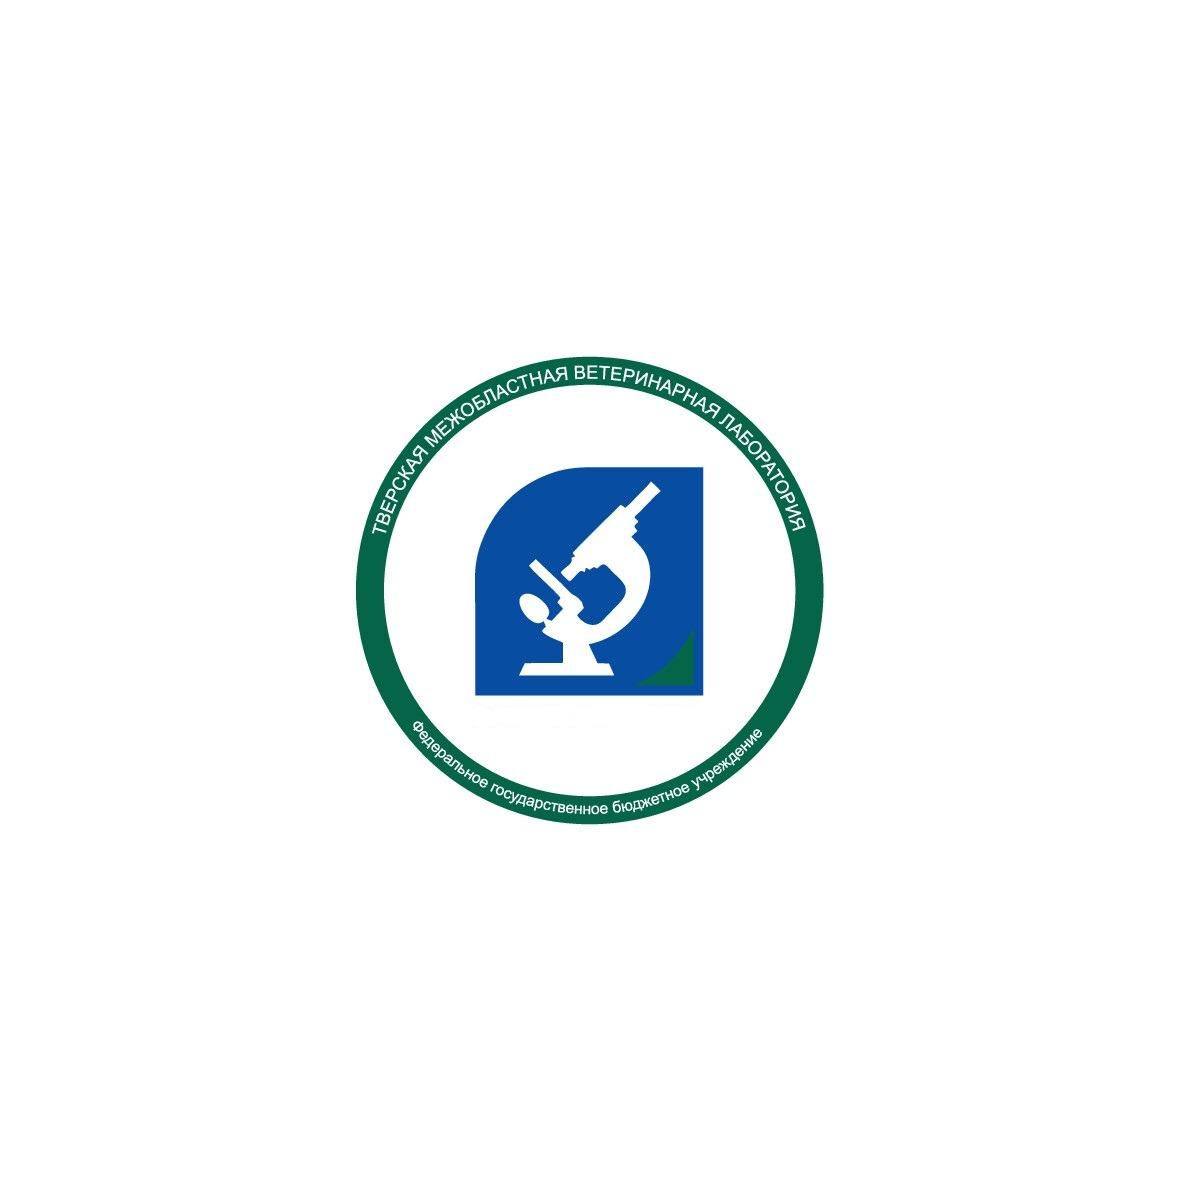 Тверская межобластная ветеринарная лаборатория зарегистрировала товарный знак